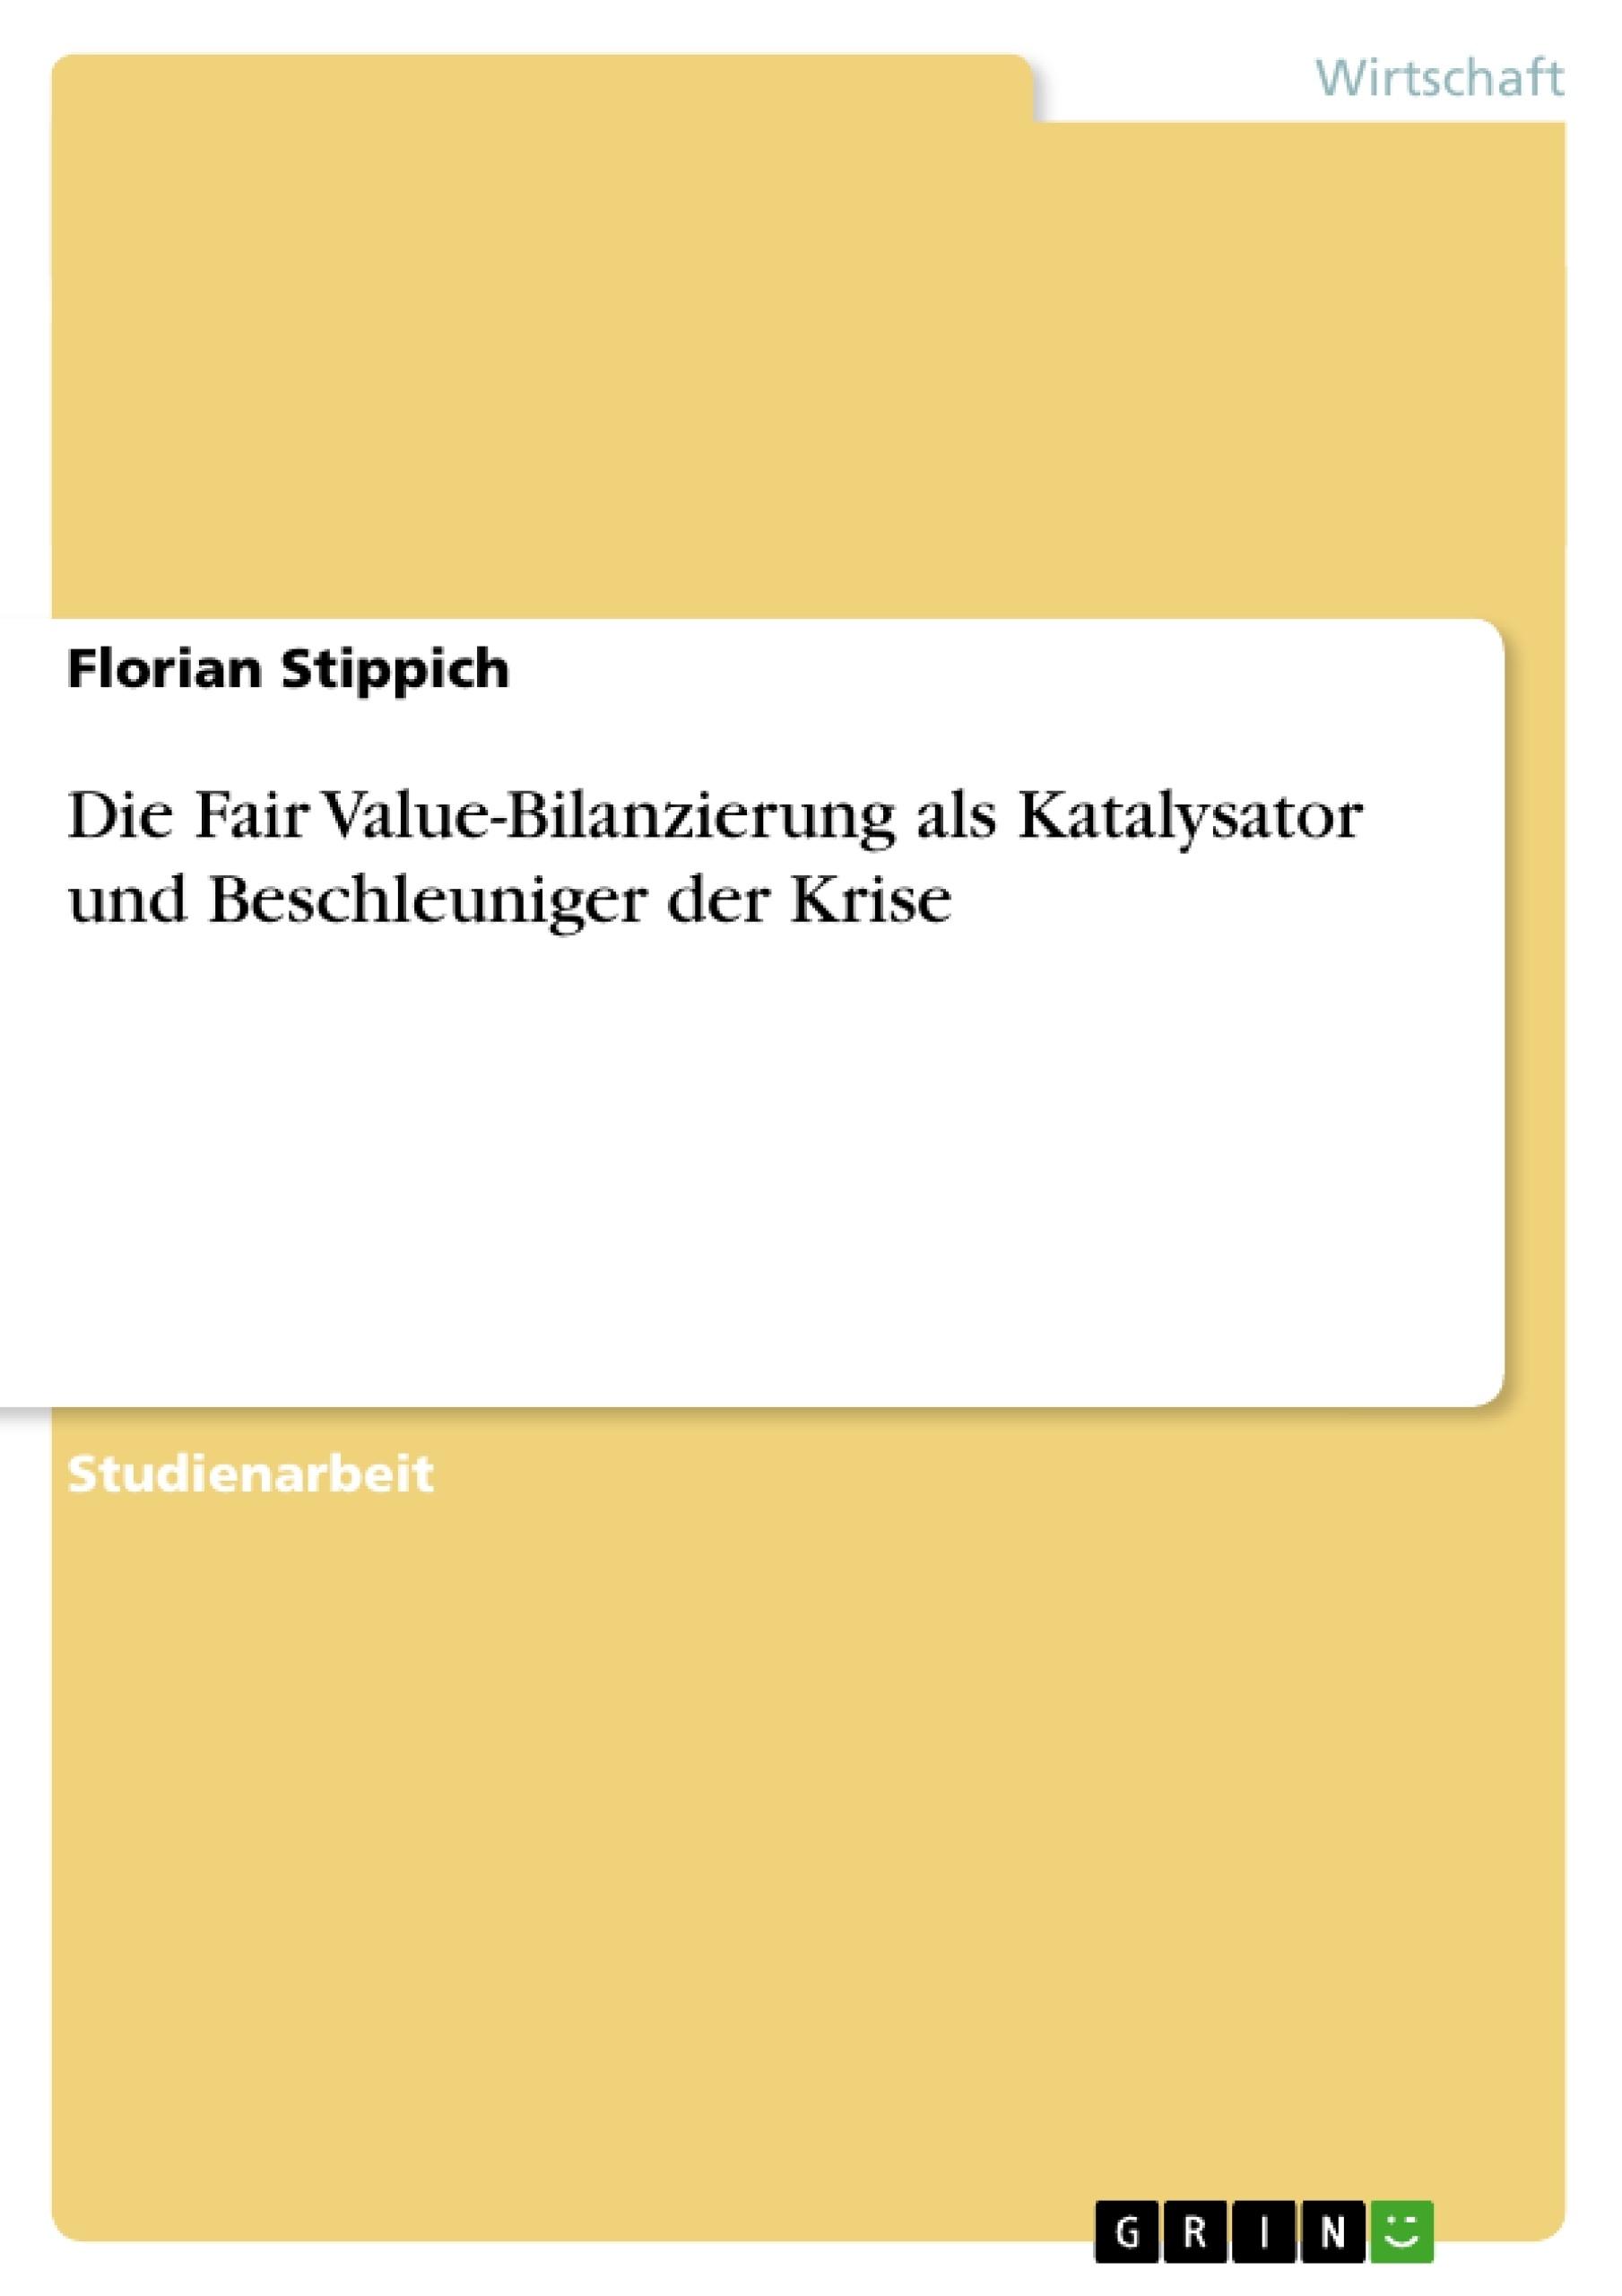 Titel: Die Fair Value-Bilanzierung als Katalysator und Beschleuniger der Krise